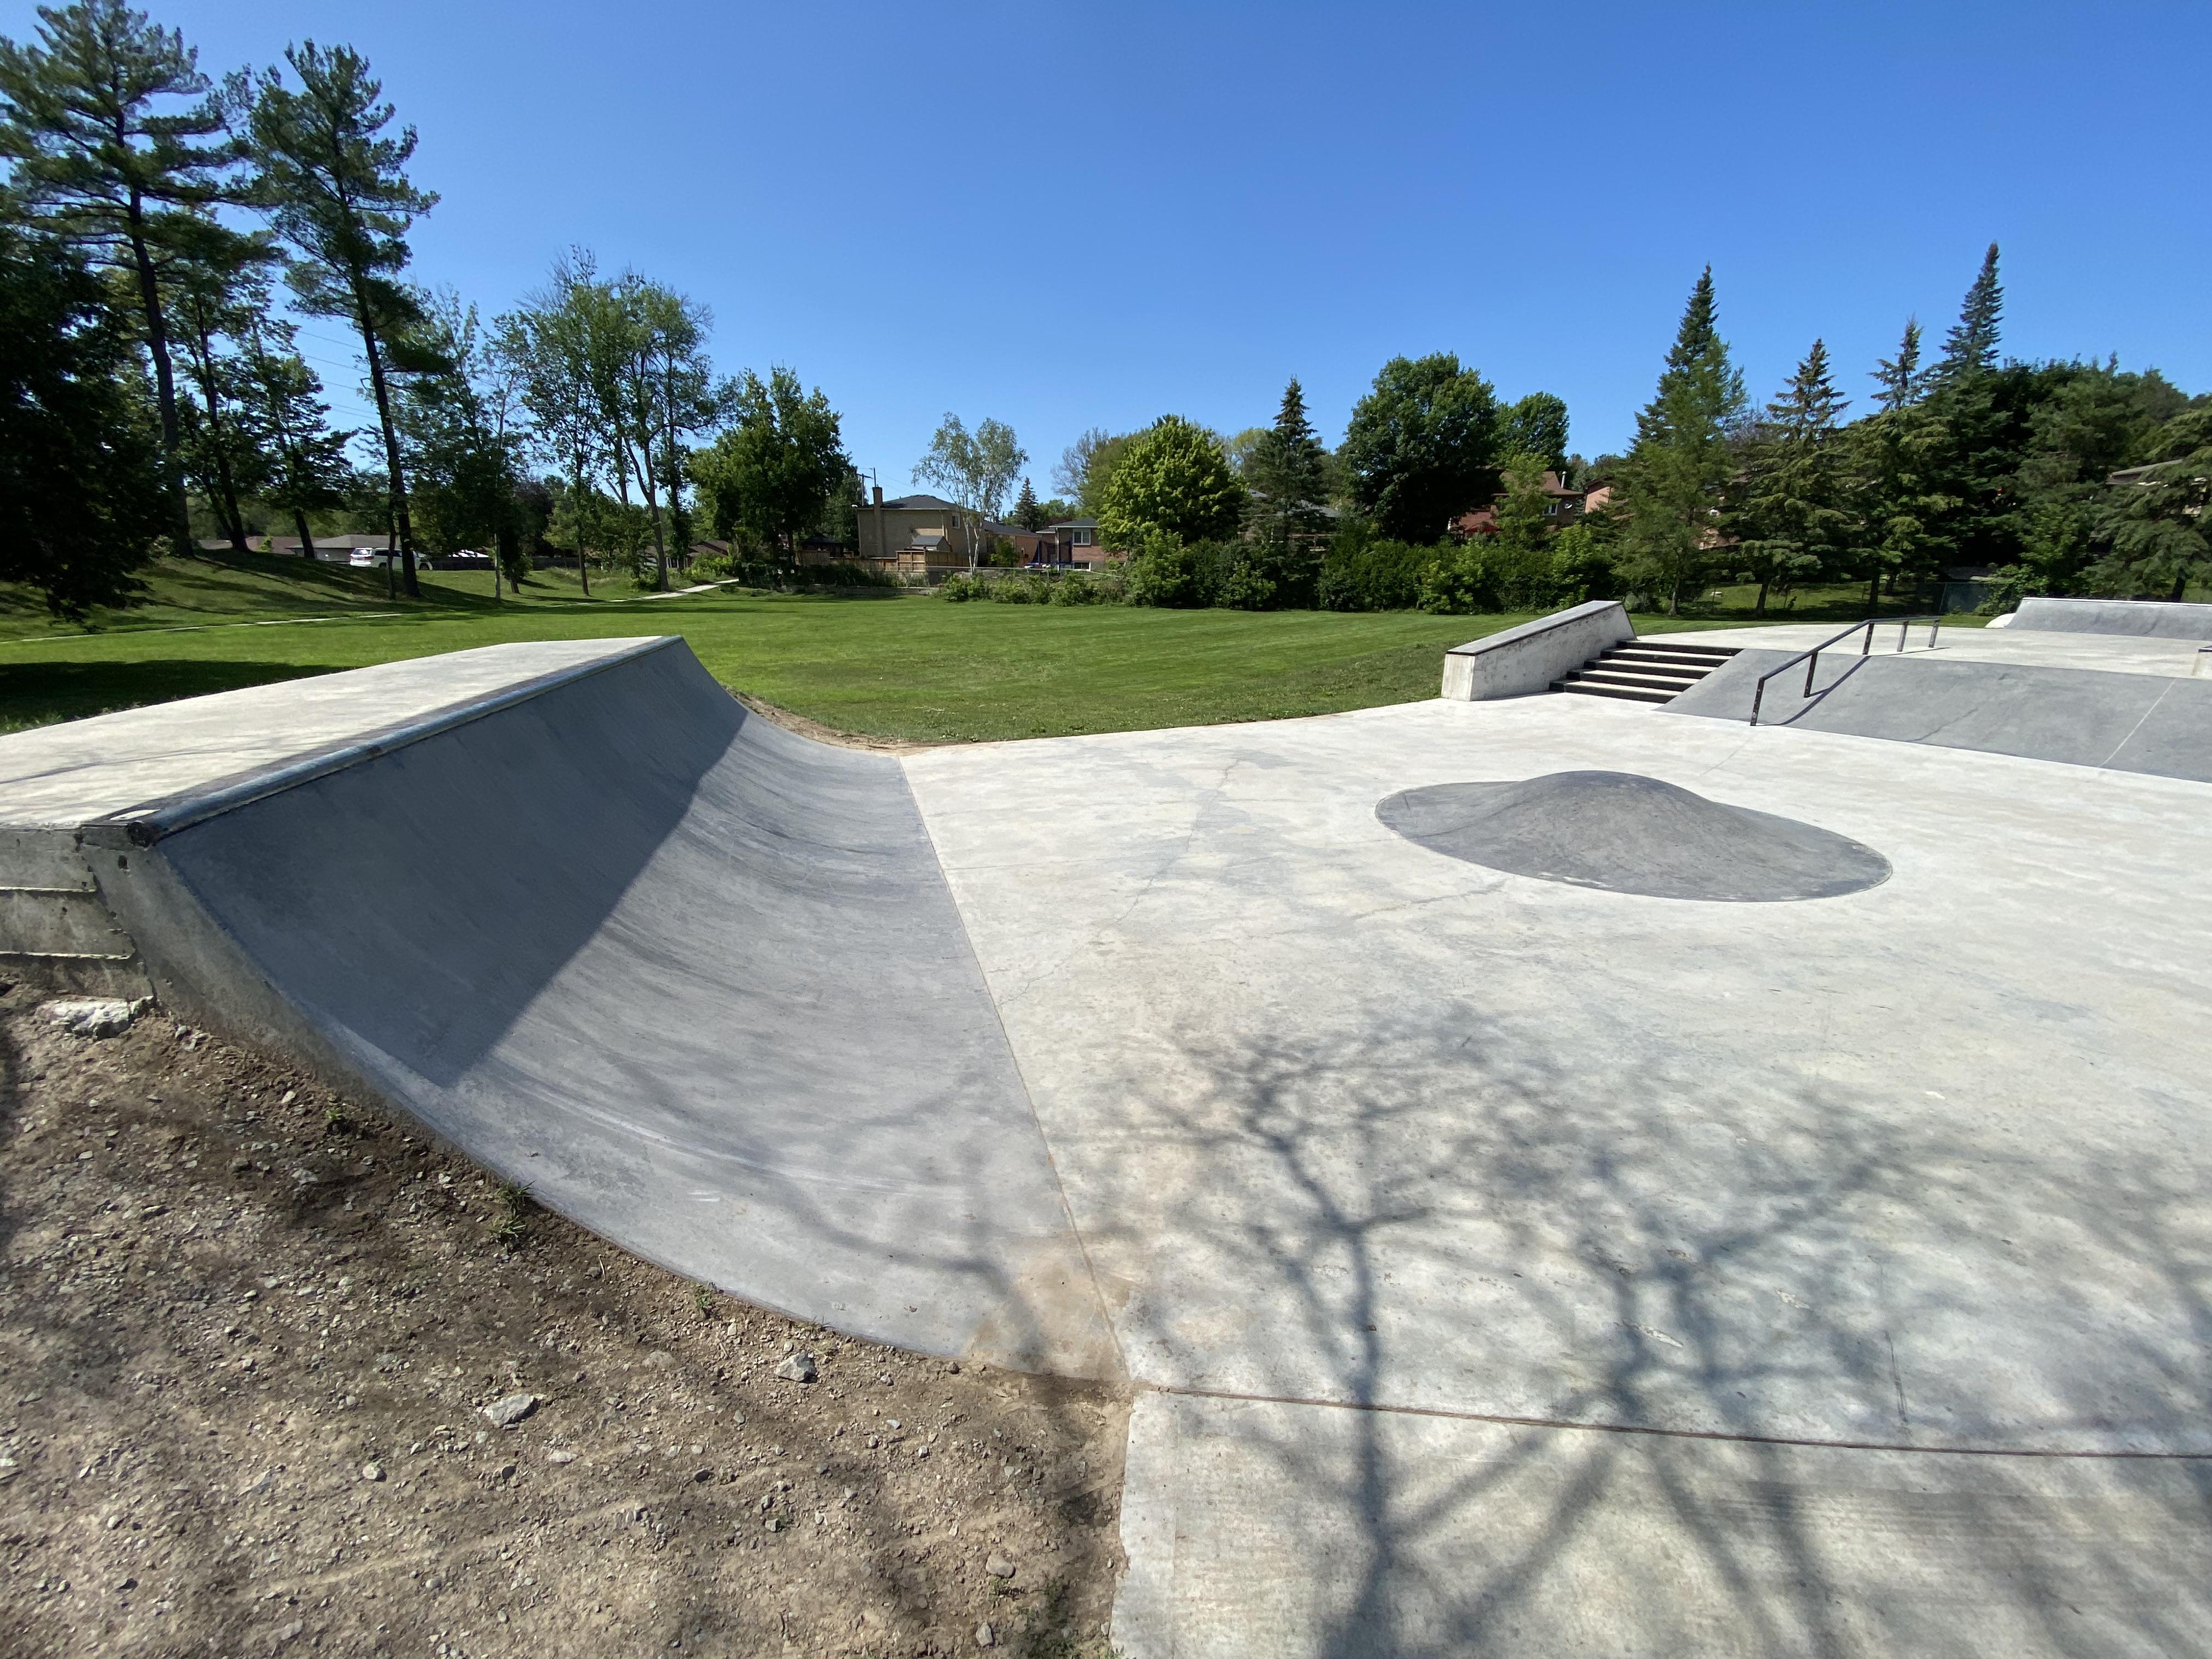 holland landing skatepark from the side